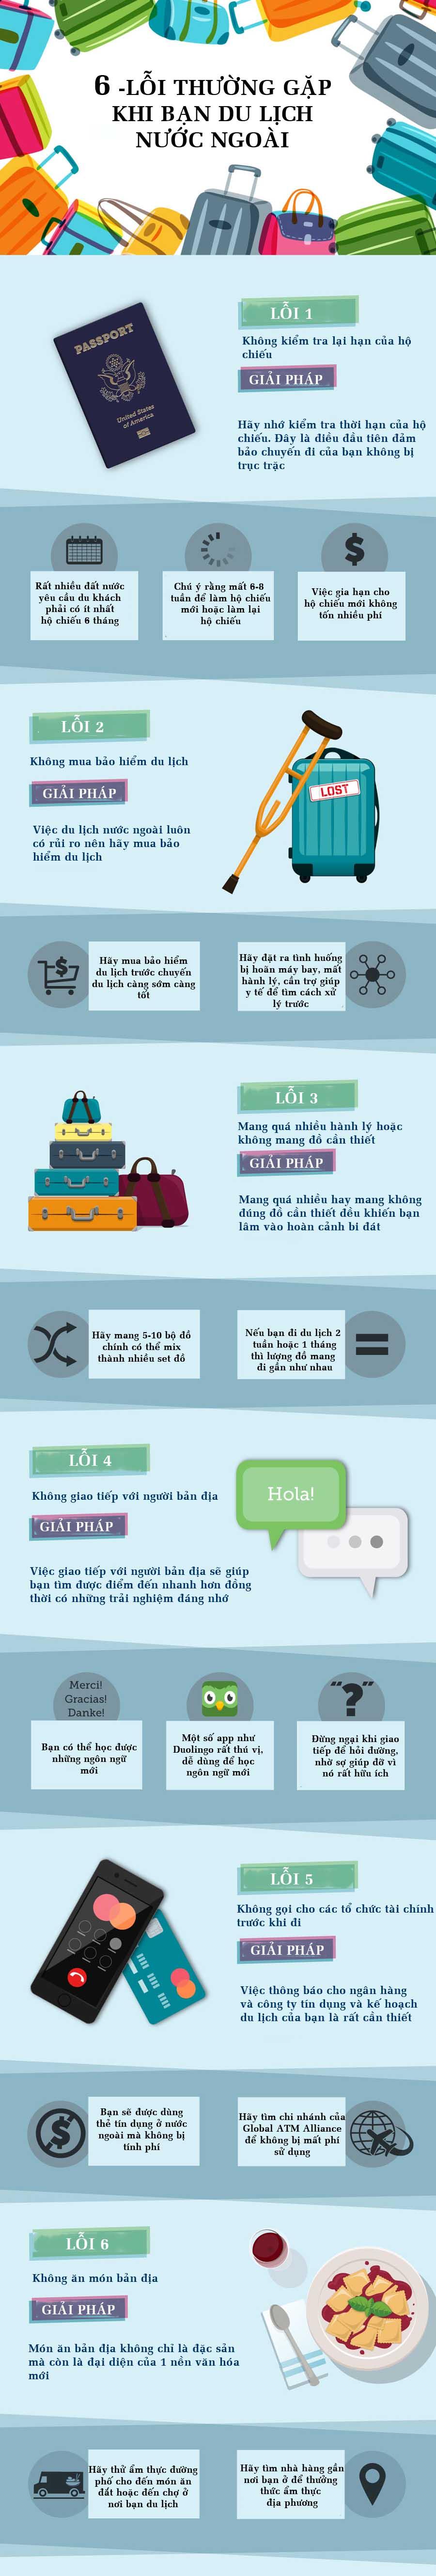 6 lỗi khi du lịch nước ngoài ai cũng mắc phải - 1